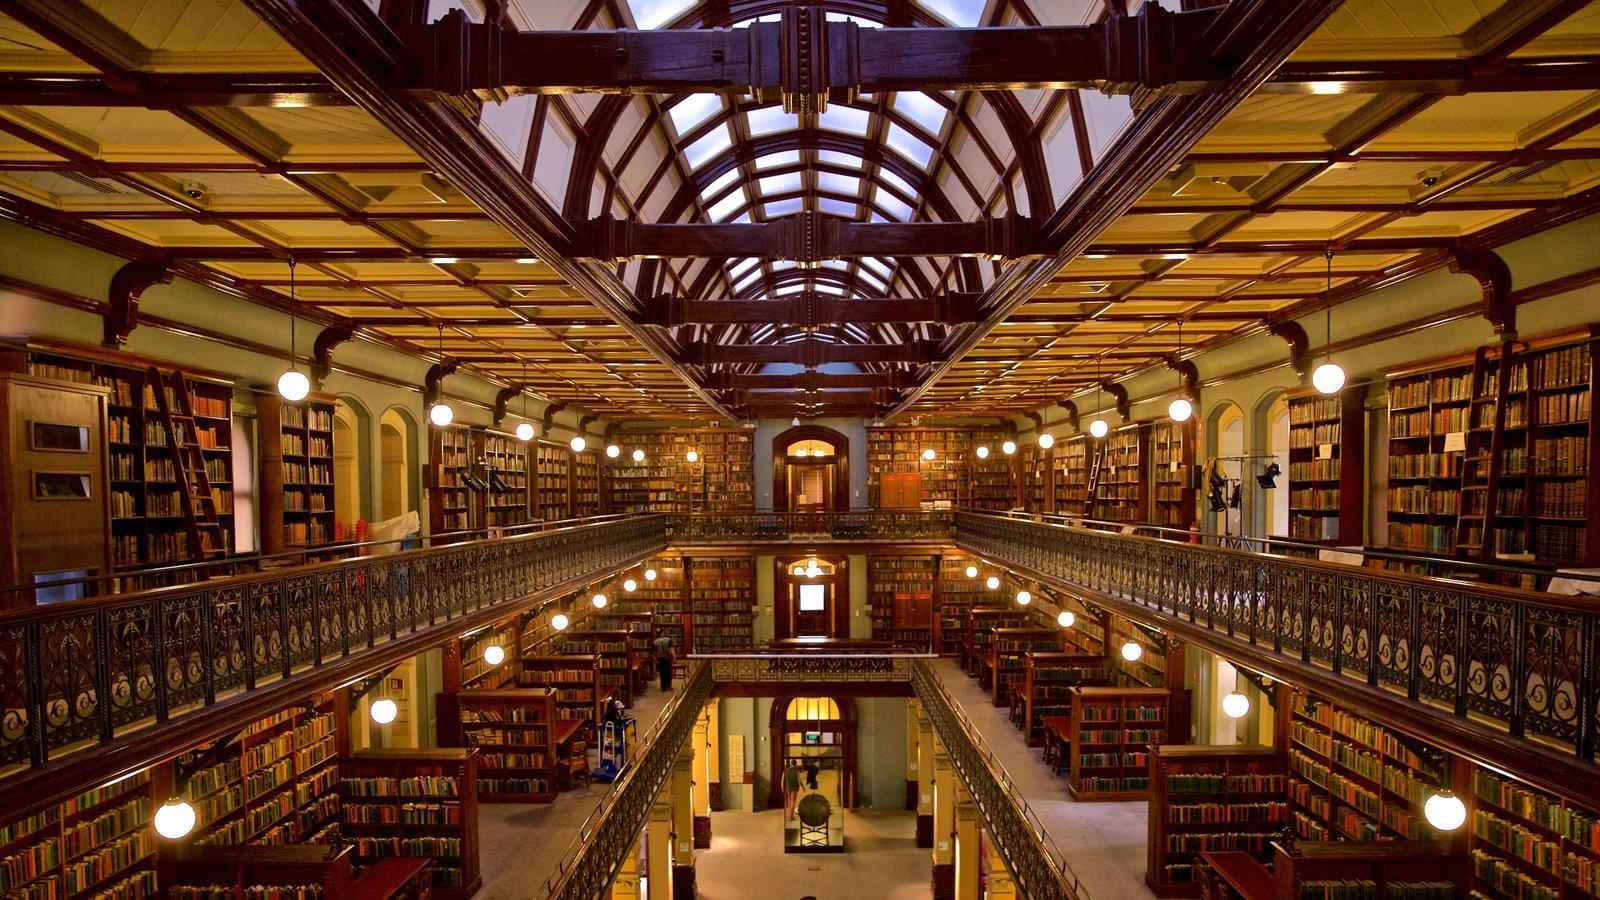 State Library of South Australia que inclui vistas internas e elementos de patrimônio